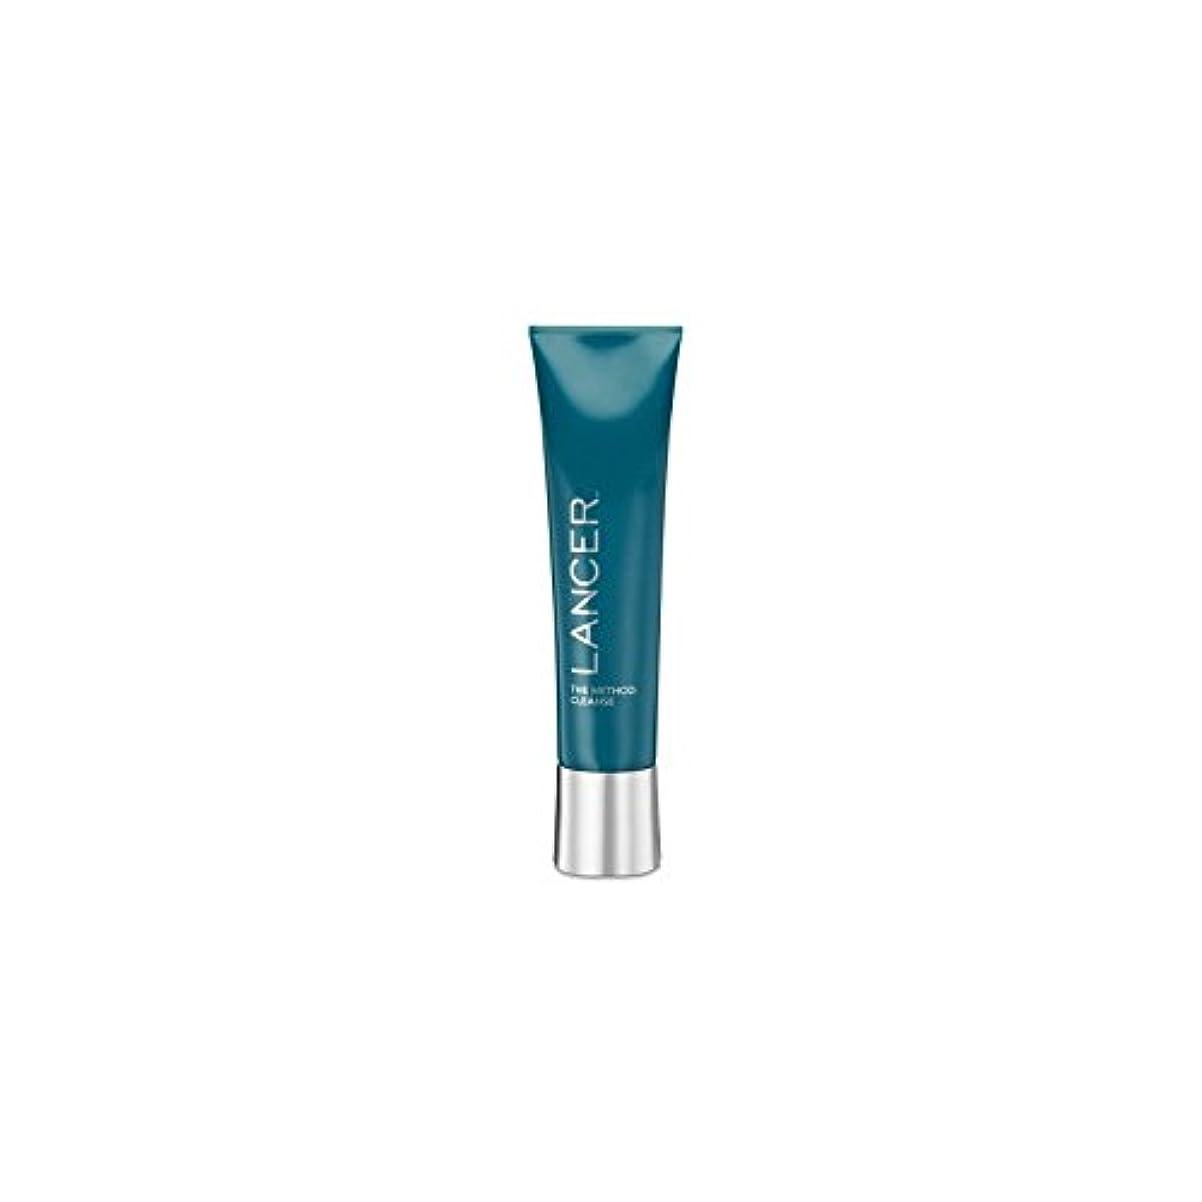 抵当仕事ドライブLancer Skincare The Method: Cleanser (120ml) (Pack of 6) - クレンザー(120ミリリットル):ランサーは、メソッドをスキンケア x6 [並行輸入品]